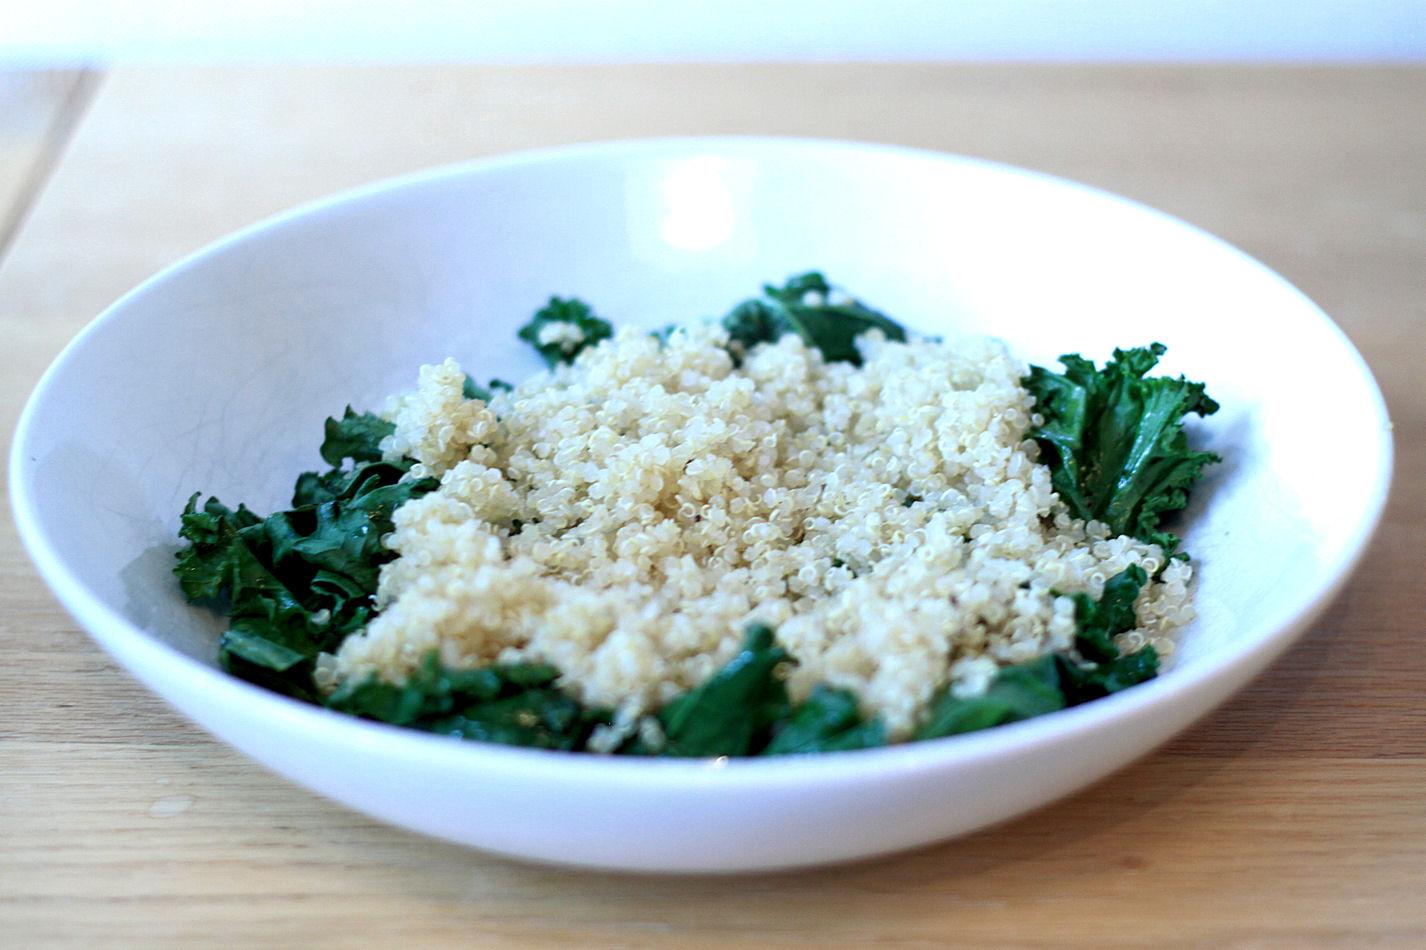 Sitten jotain kuitupitoista, kuten kvinoaa.